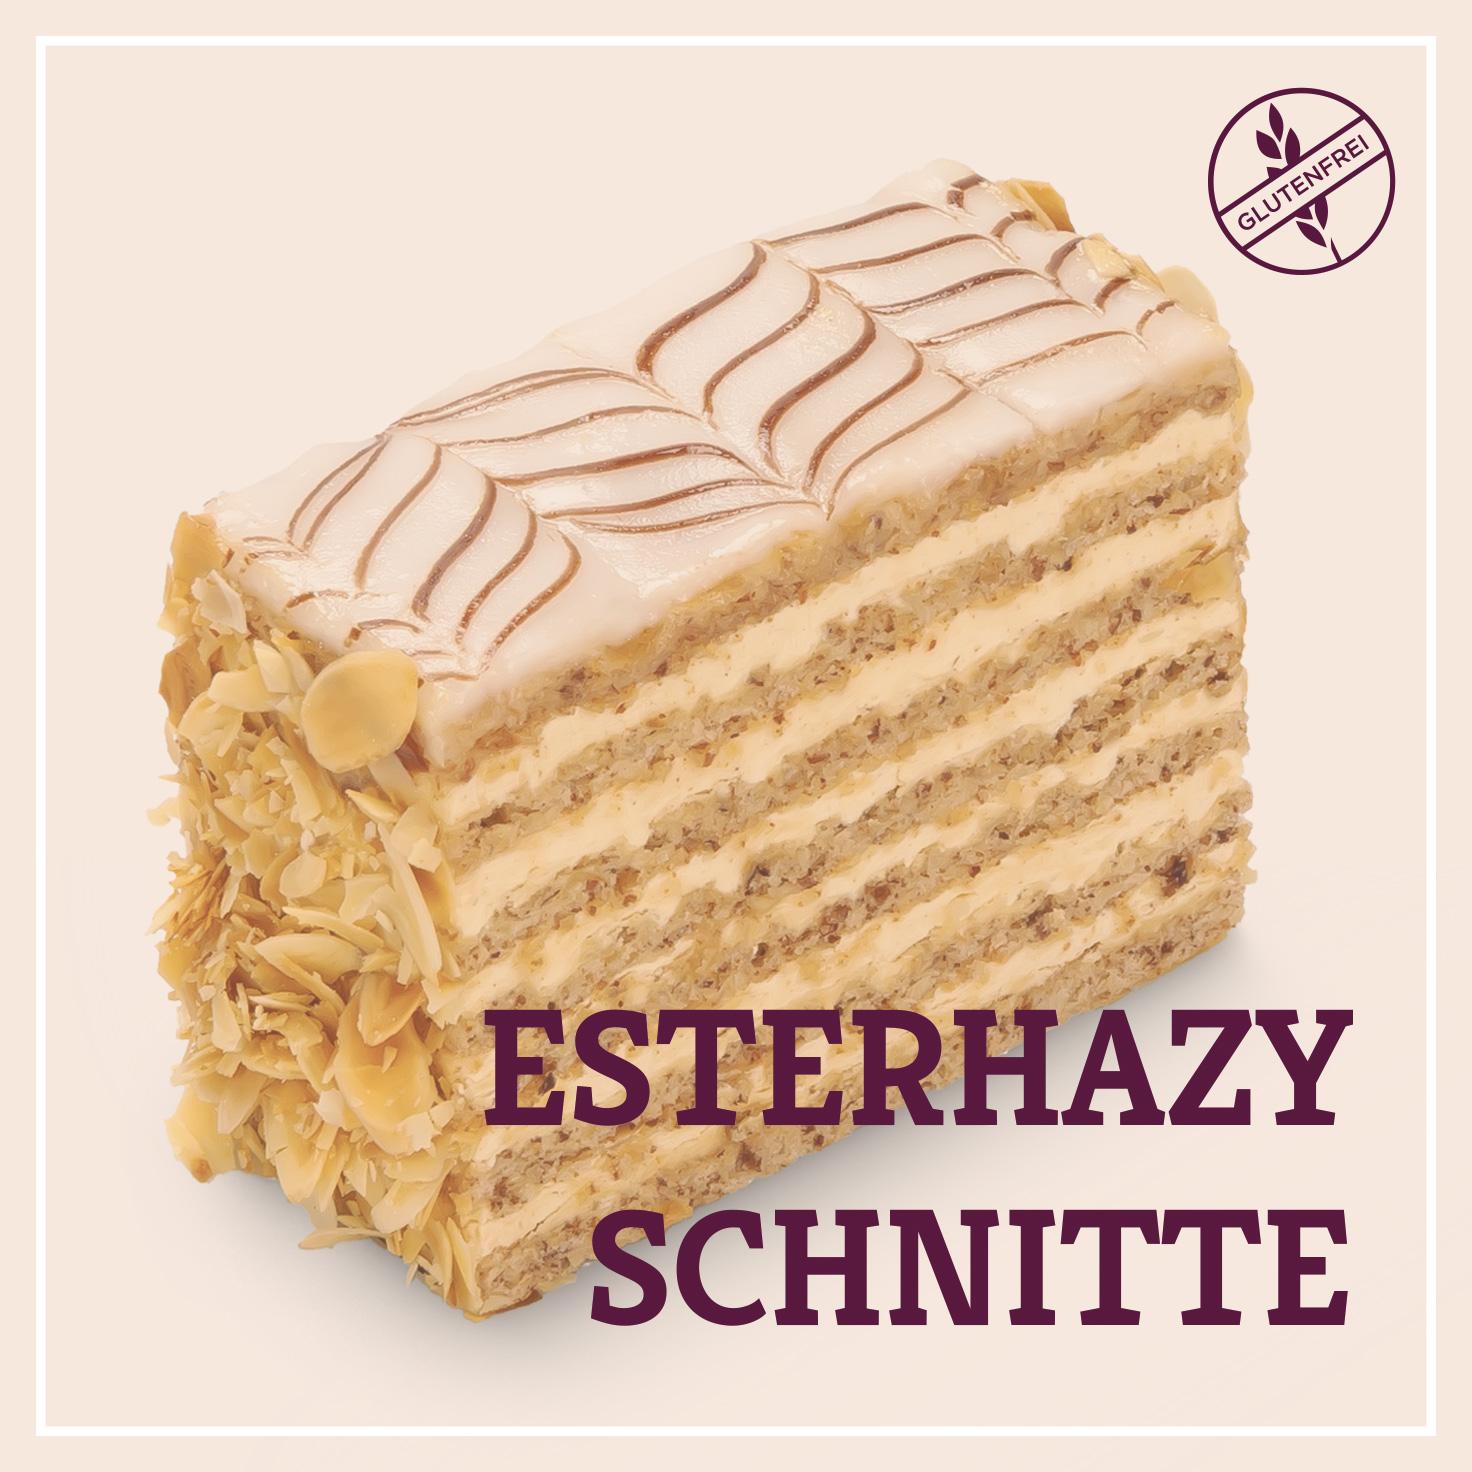 Heiss & Süß - Esterhazyschnitte